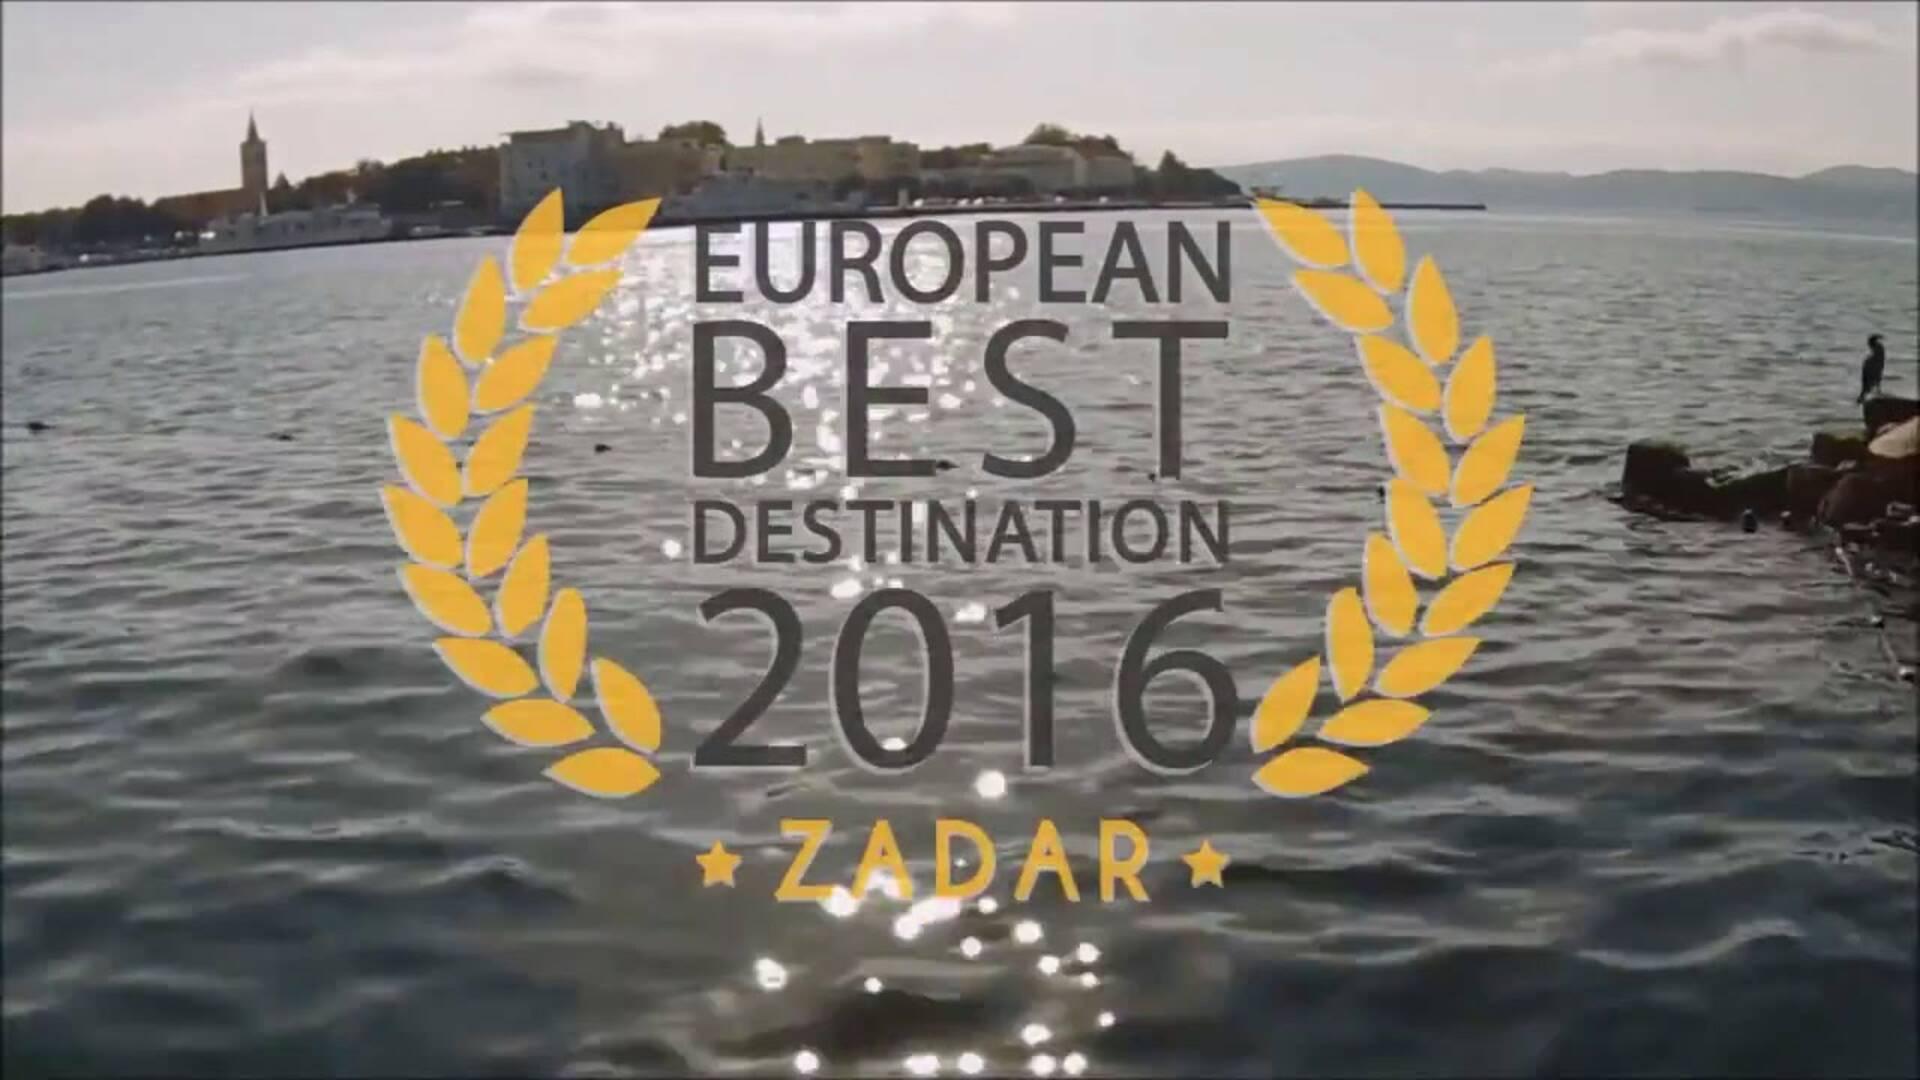 ZADAR en Croatie, élue European Best Destination en 2016